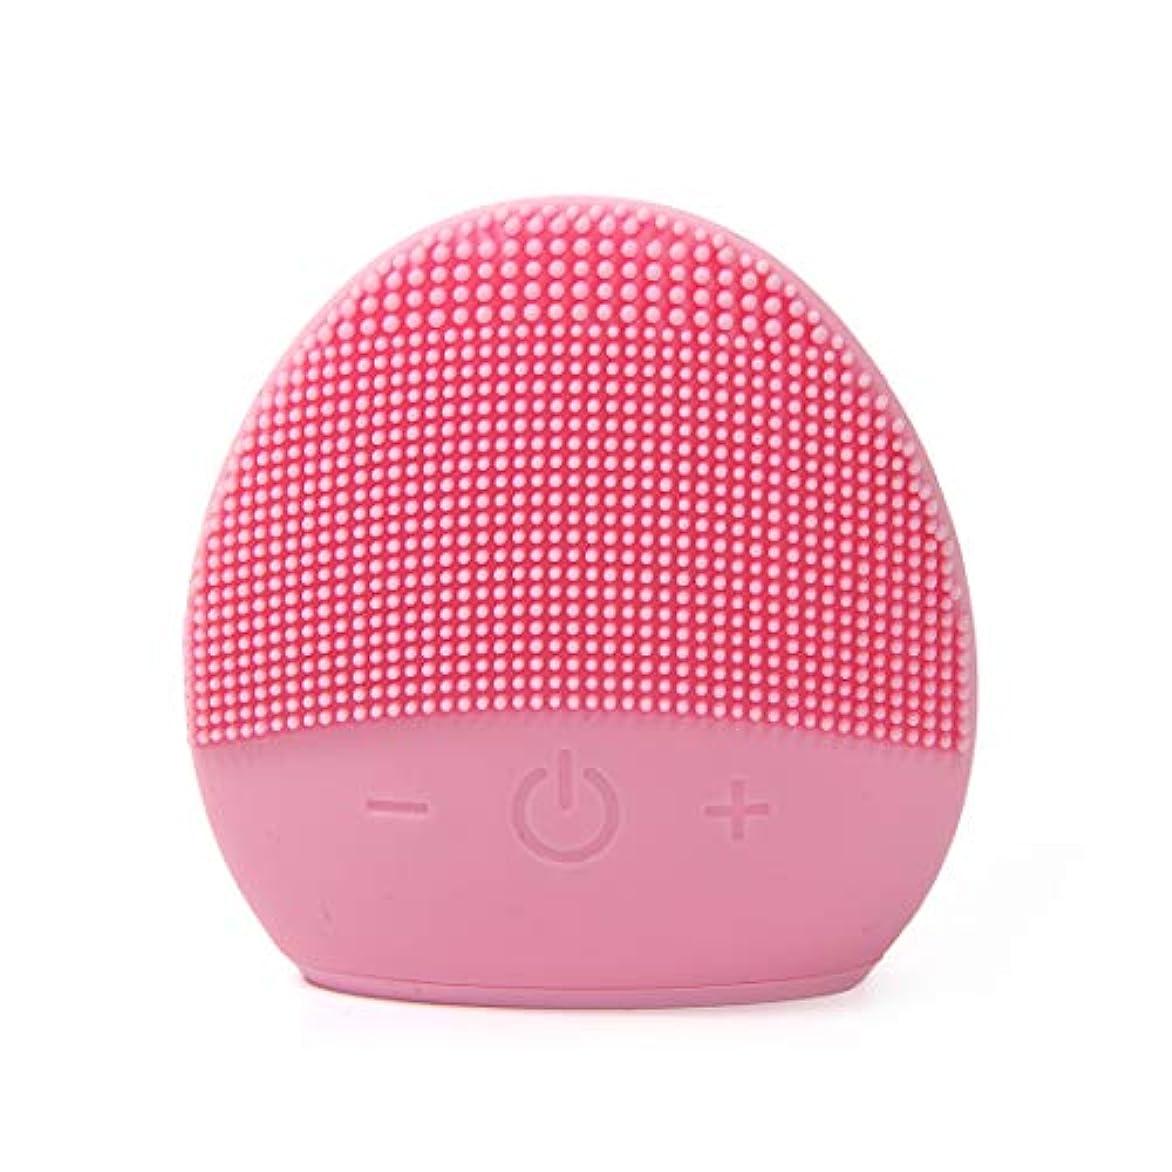 メロドラマティック辛い放棄ミニシリコーンクレンジングブラシ - すべての肌タイプのためのFEITA防水シリコーンクレンザーと電気マッサージシステム(ピンク)